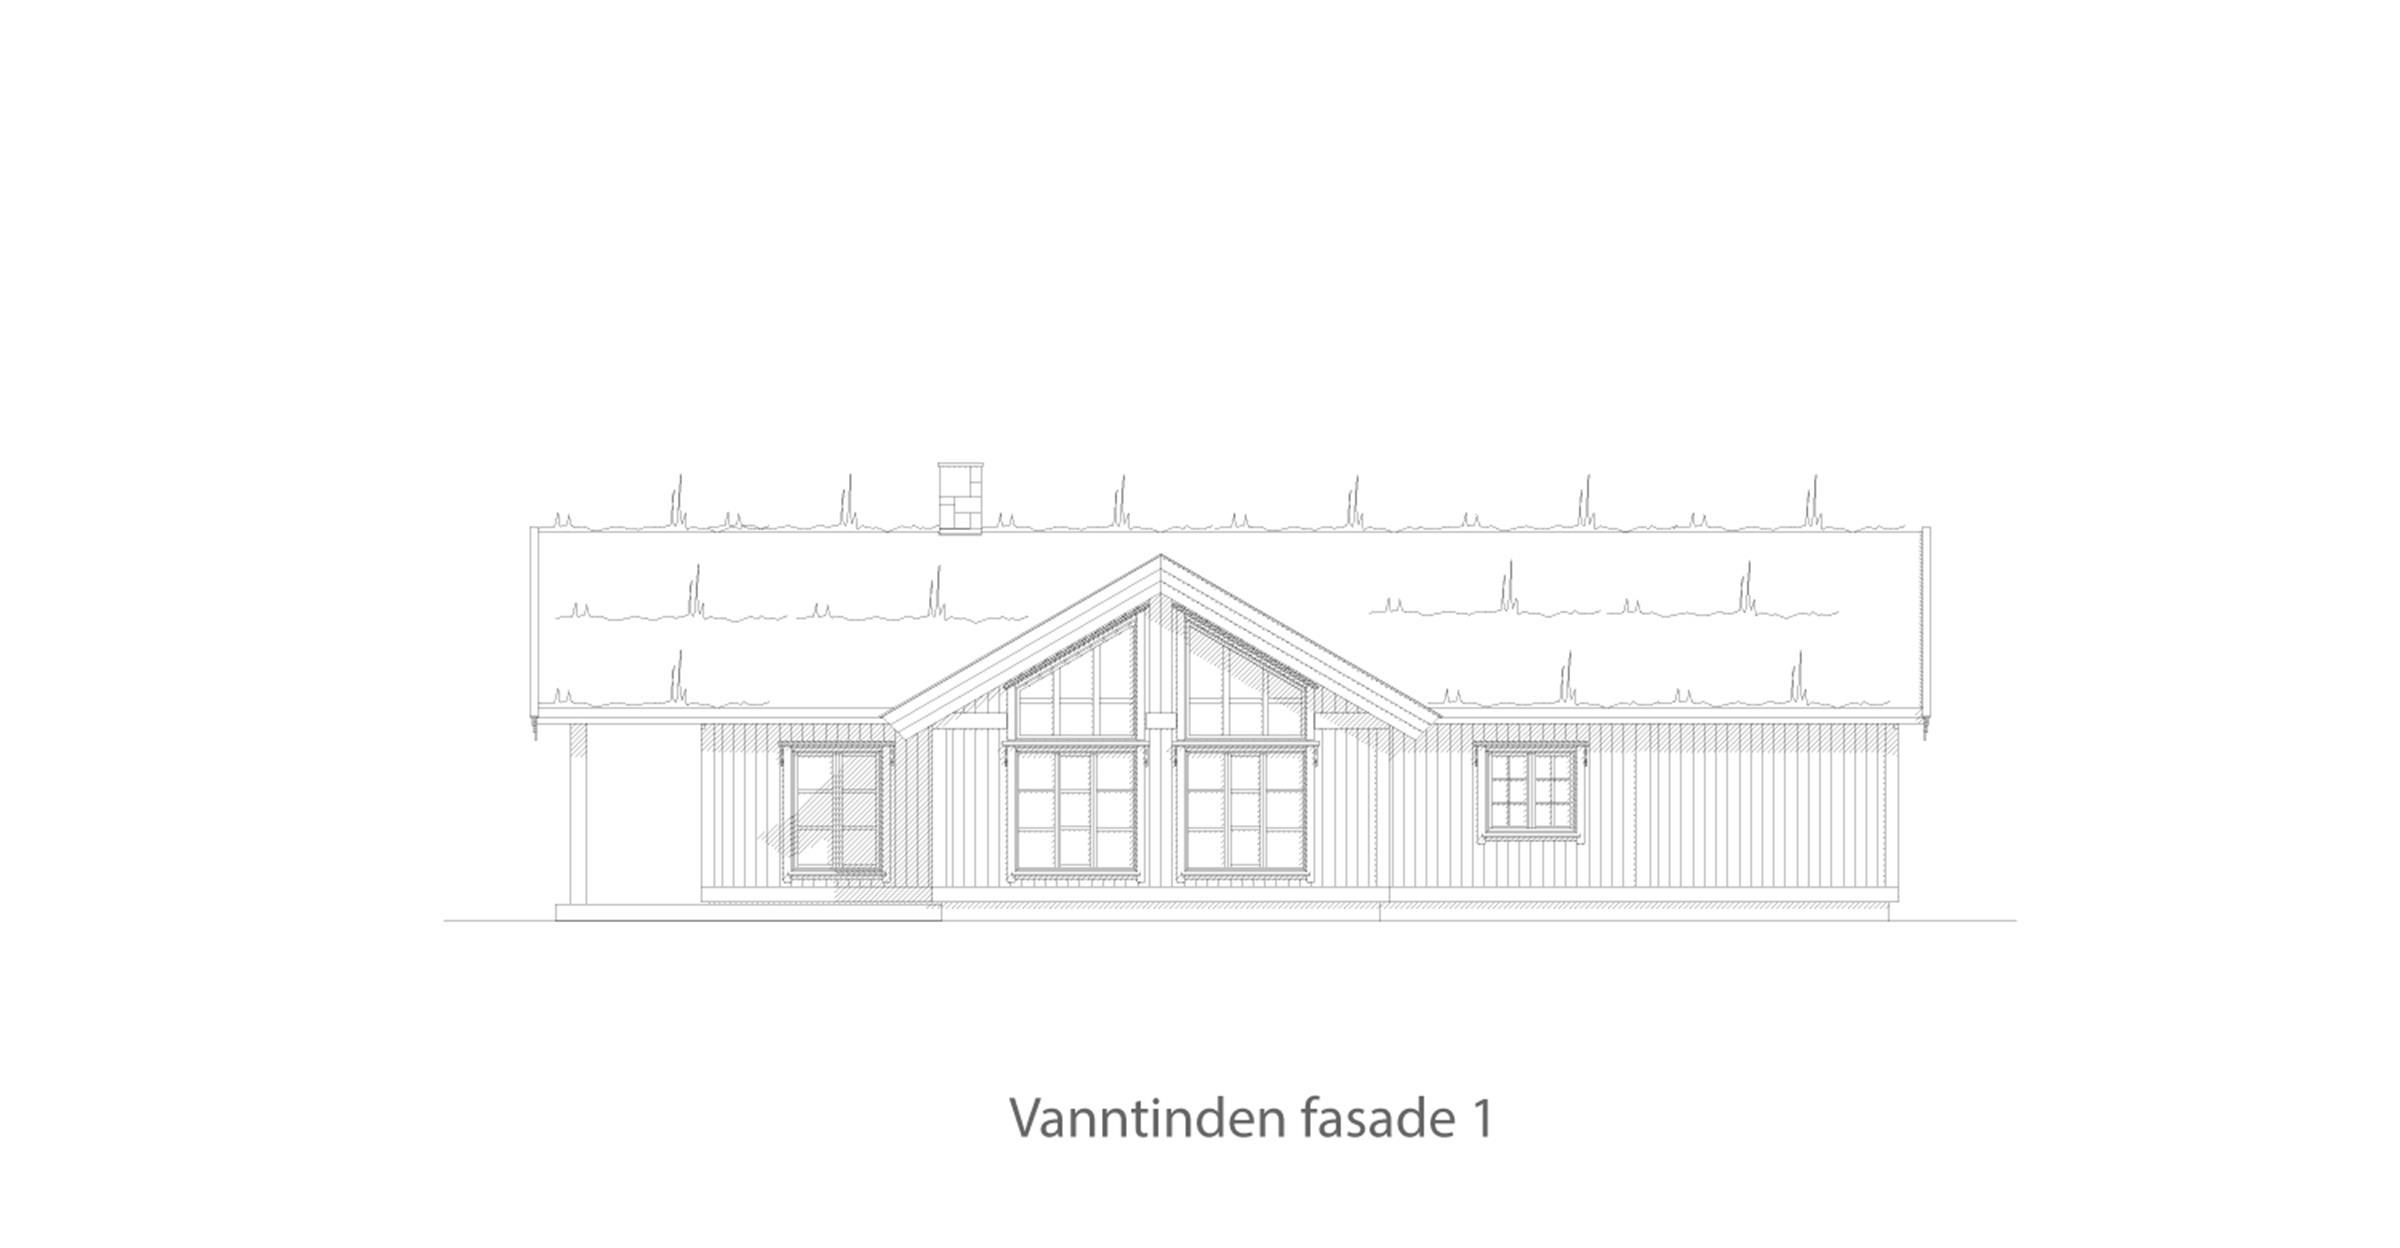 Vanntinden fasade 1